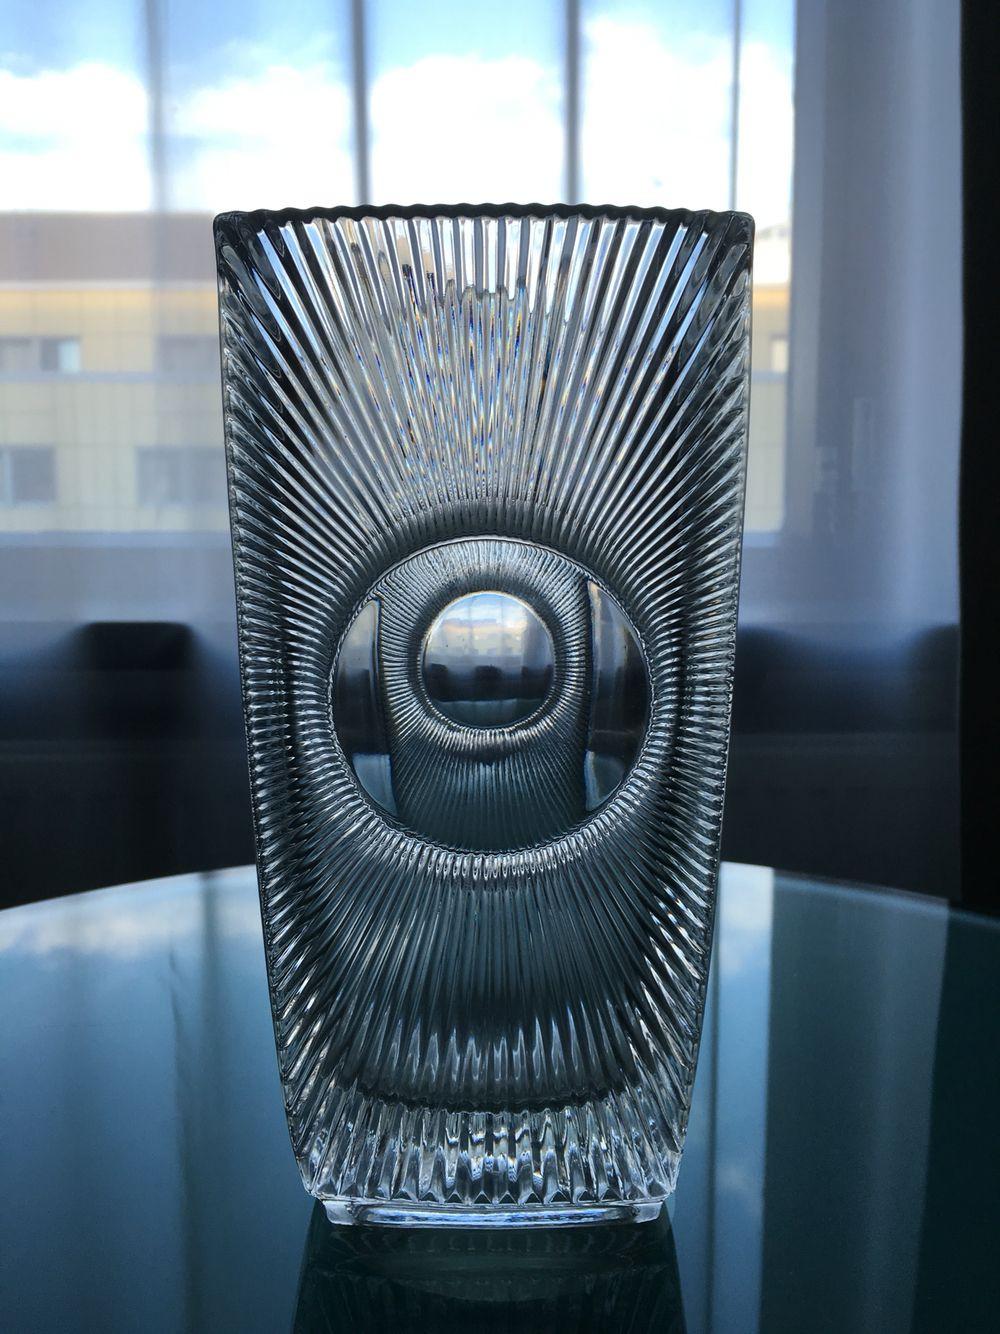 kosta boda saraband vase of libochovice sklo union osakavase by rudolf jurnikl aœvegek in within osakavase by rudolf jurnikl